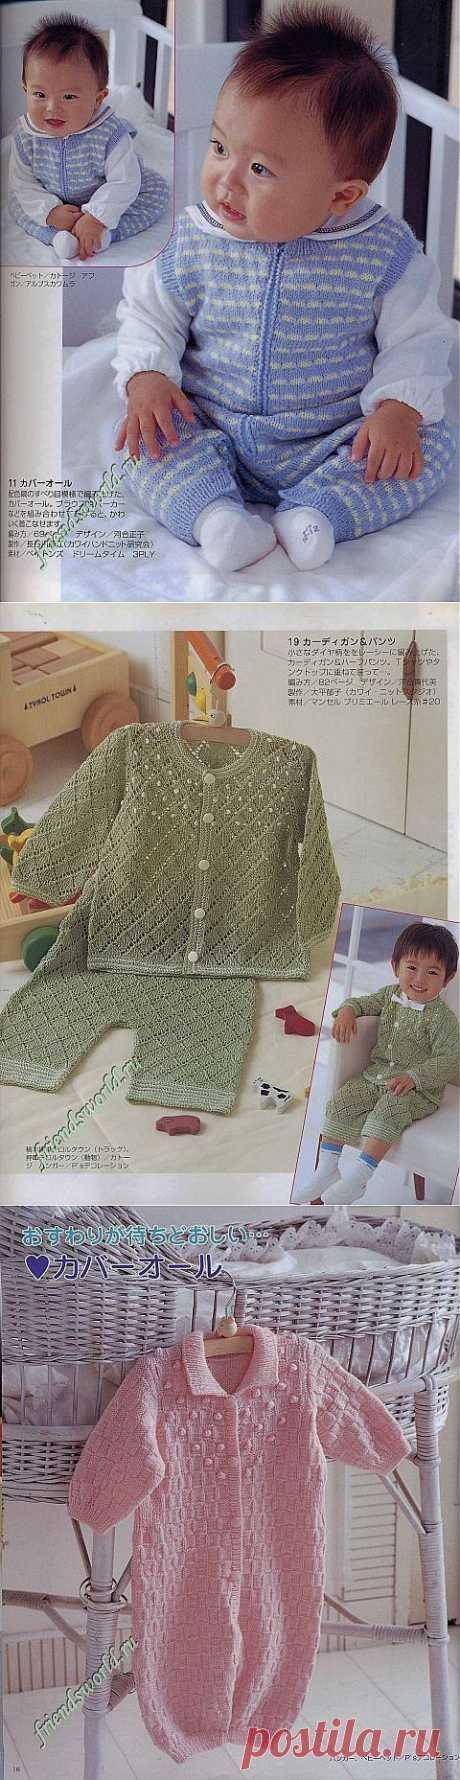 Два комбинезона и костюмчик для малышей   Вязание крючком и спицами